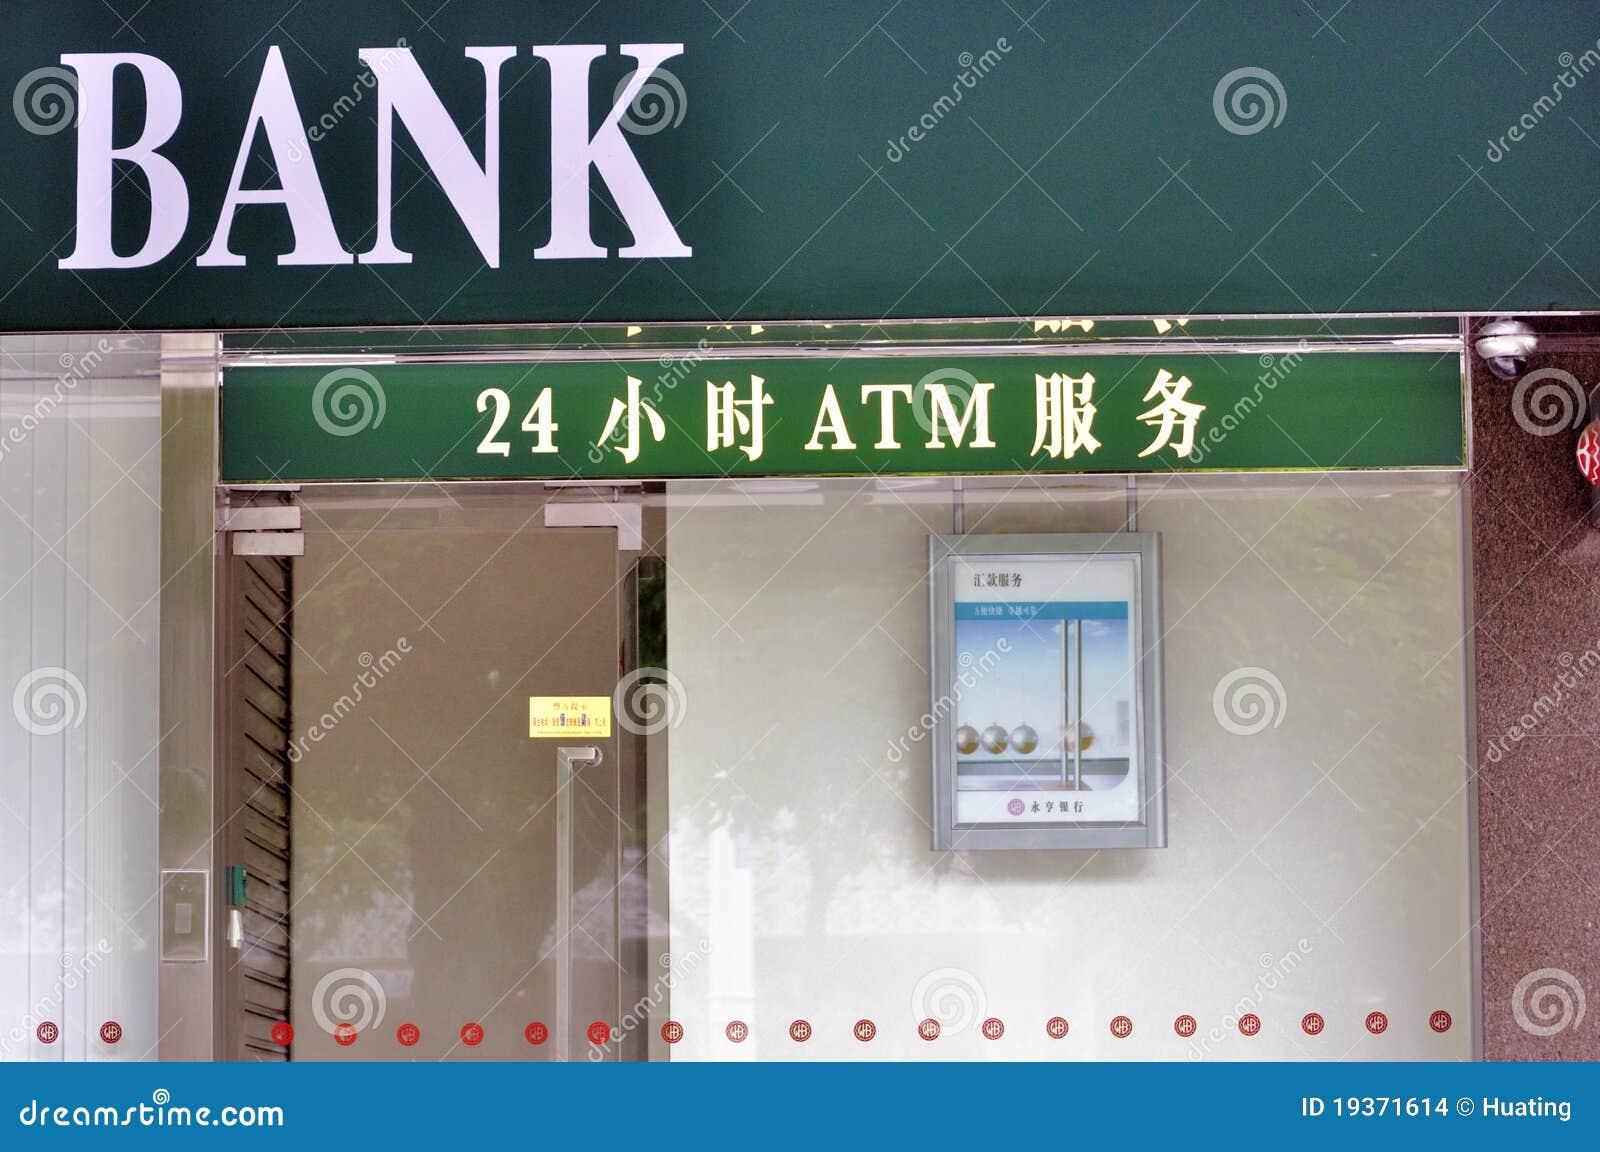 24 sinais do ATM da hora